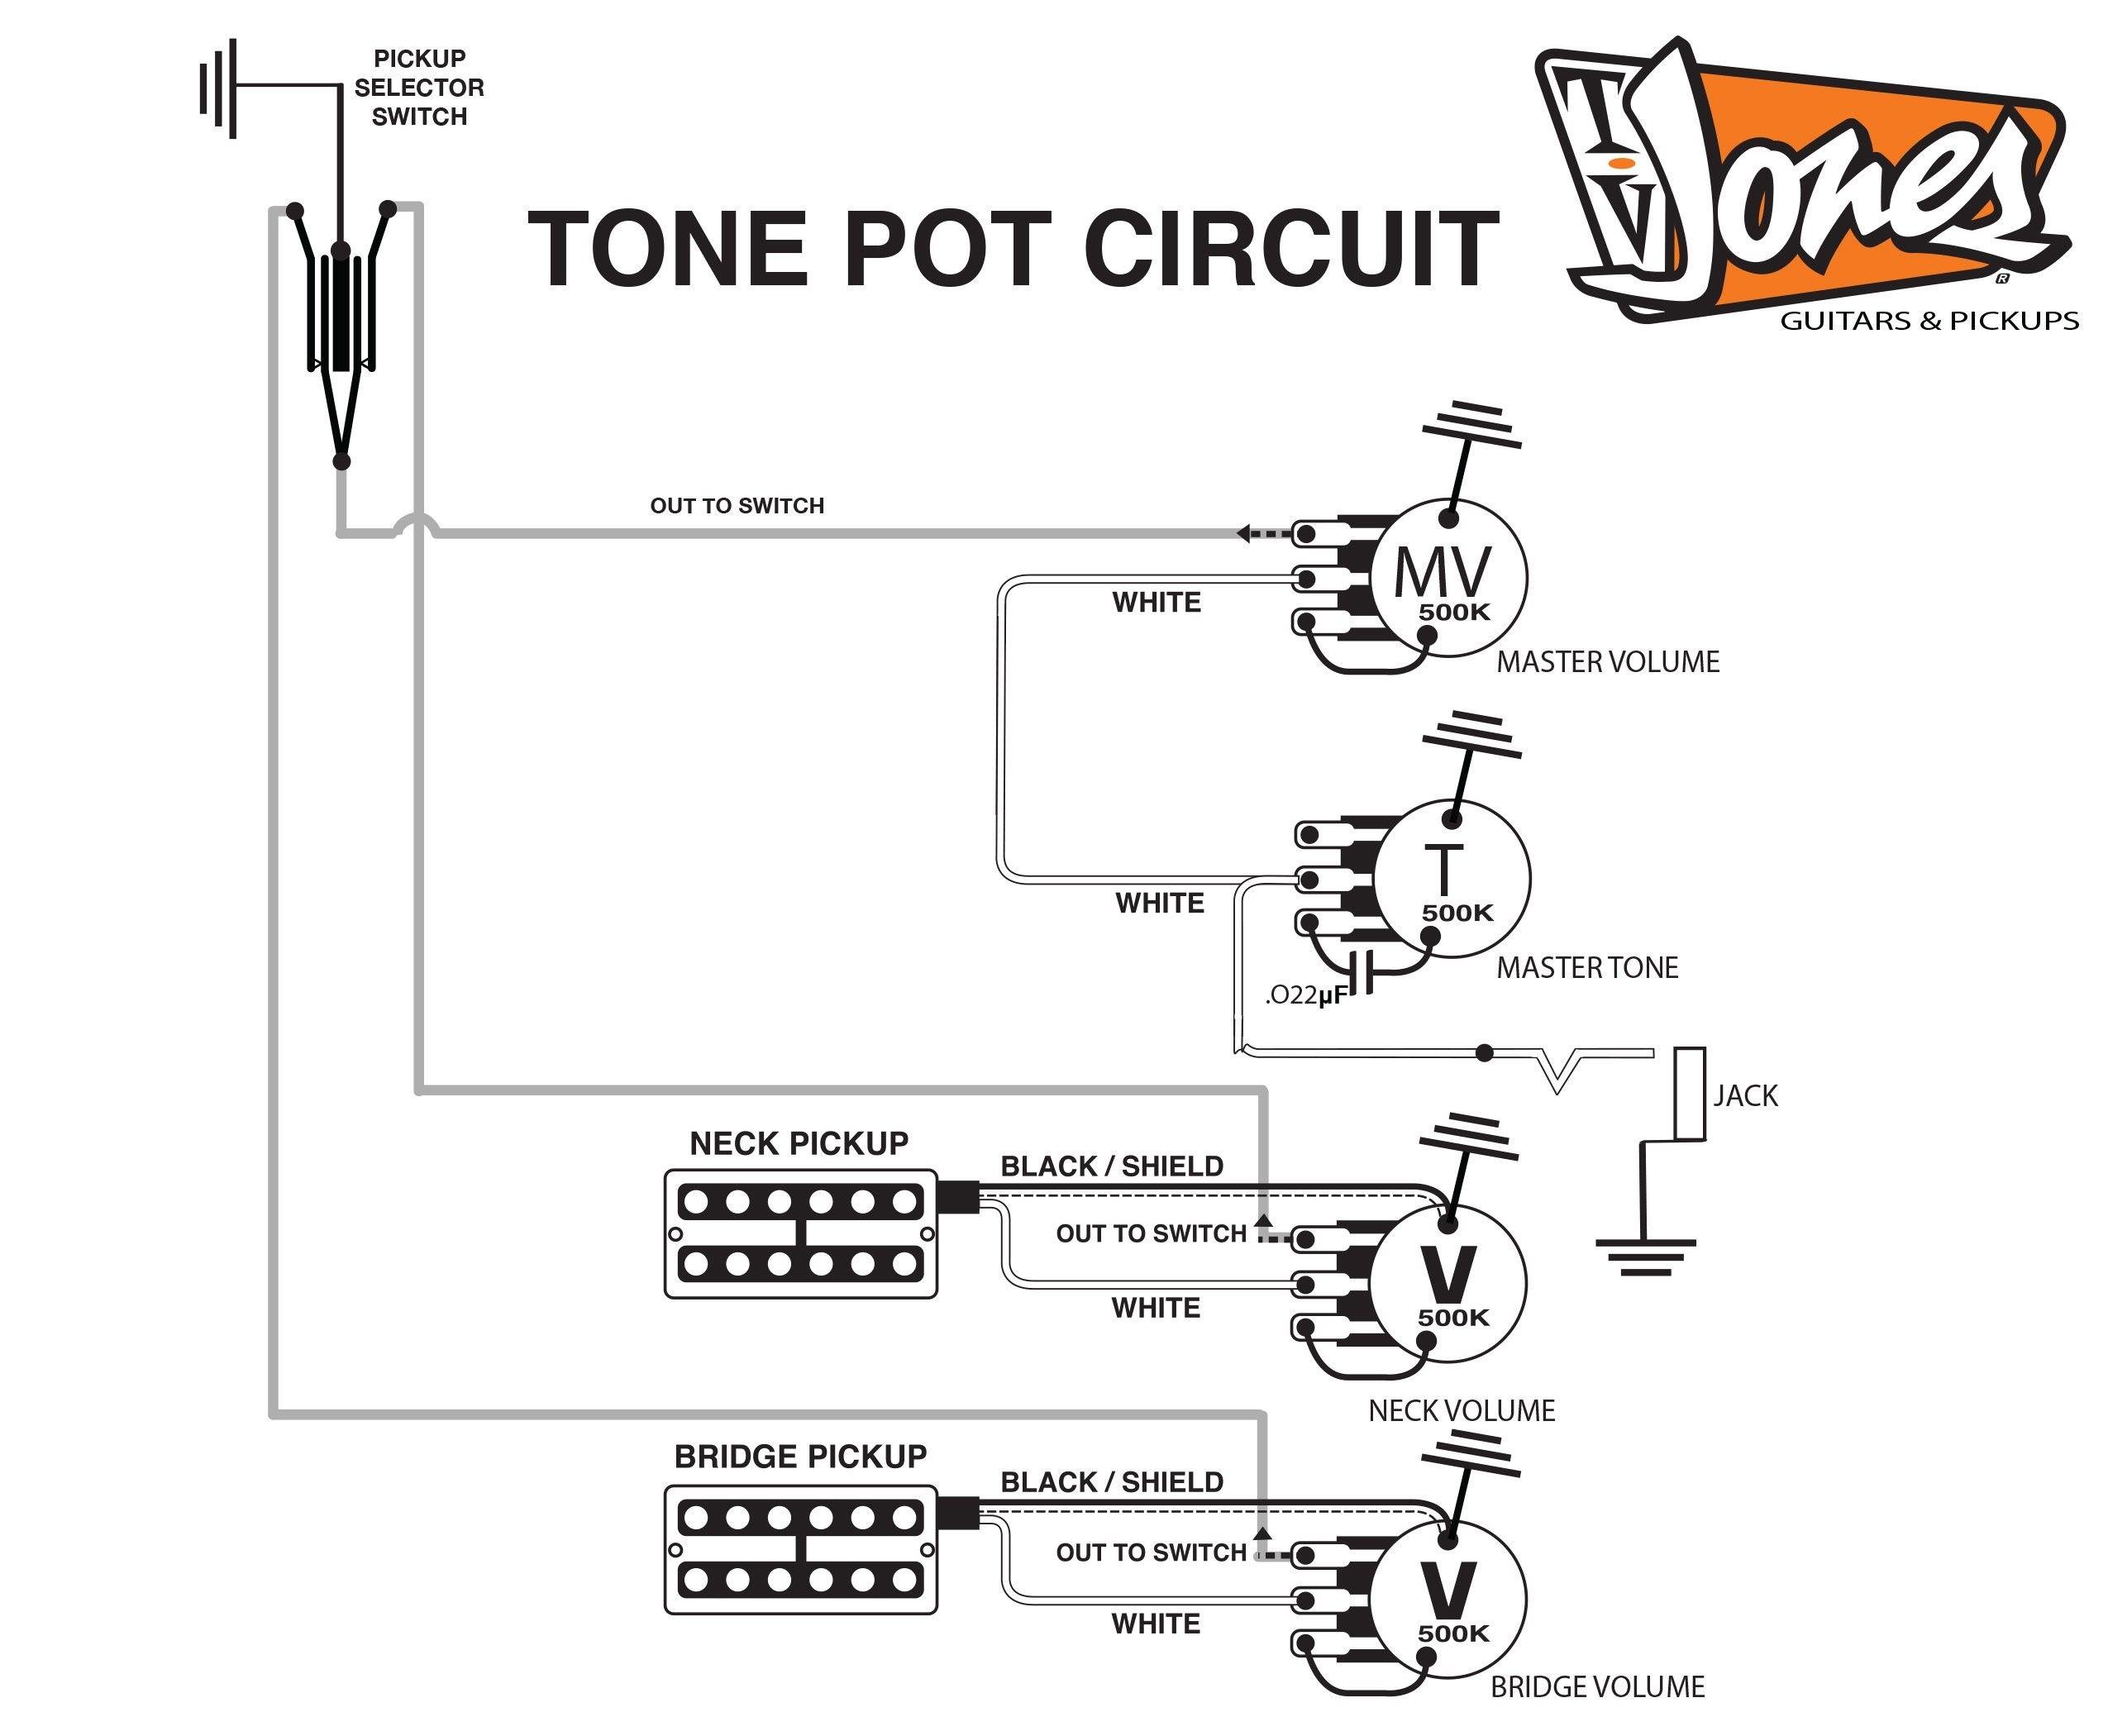 Unique Drawing Wiring Diagrams #diagram #wiringdiagram #